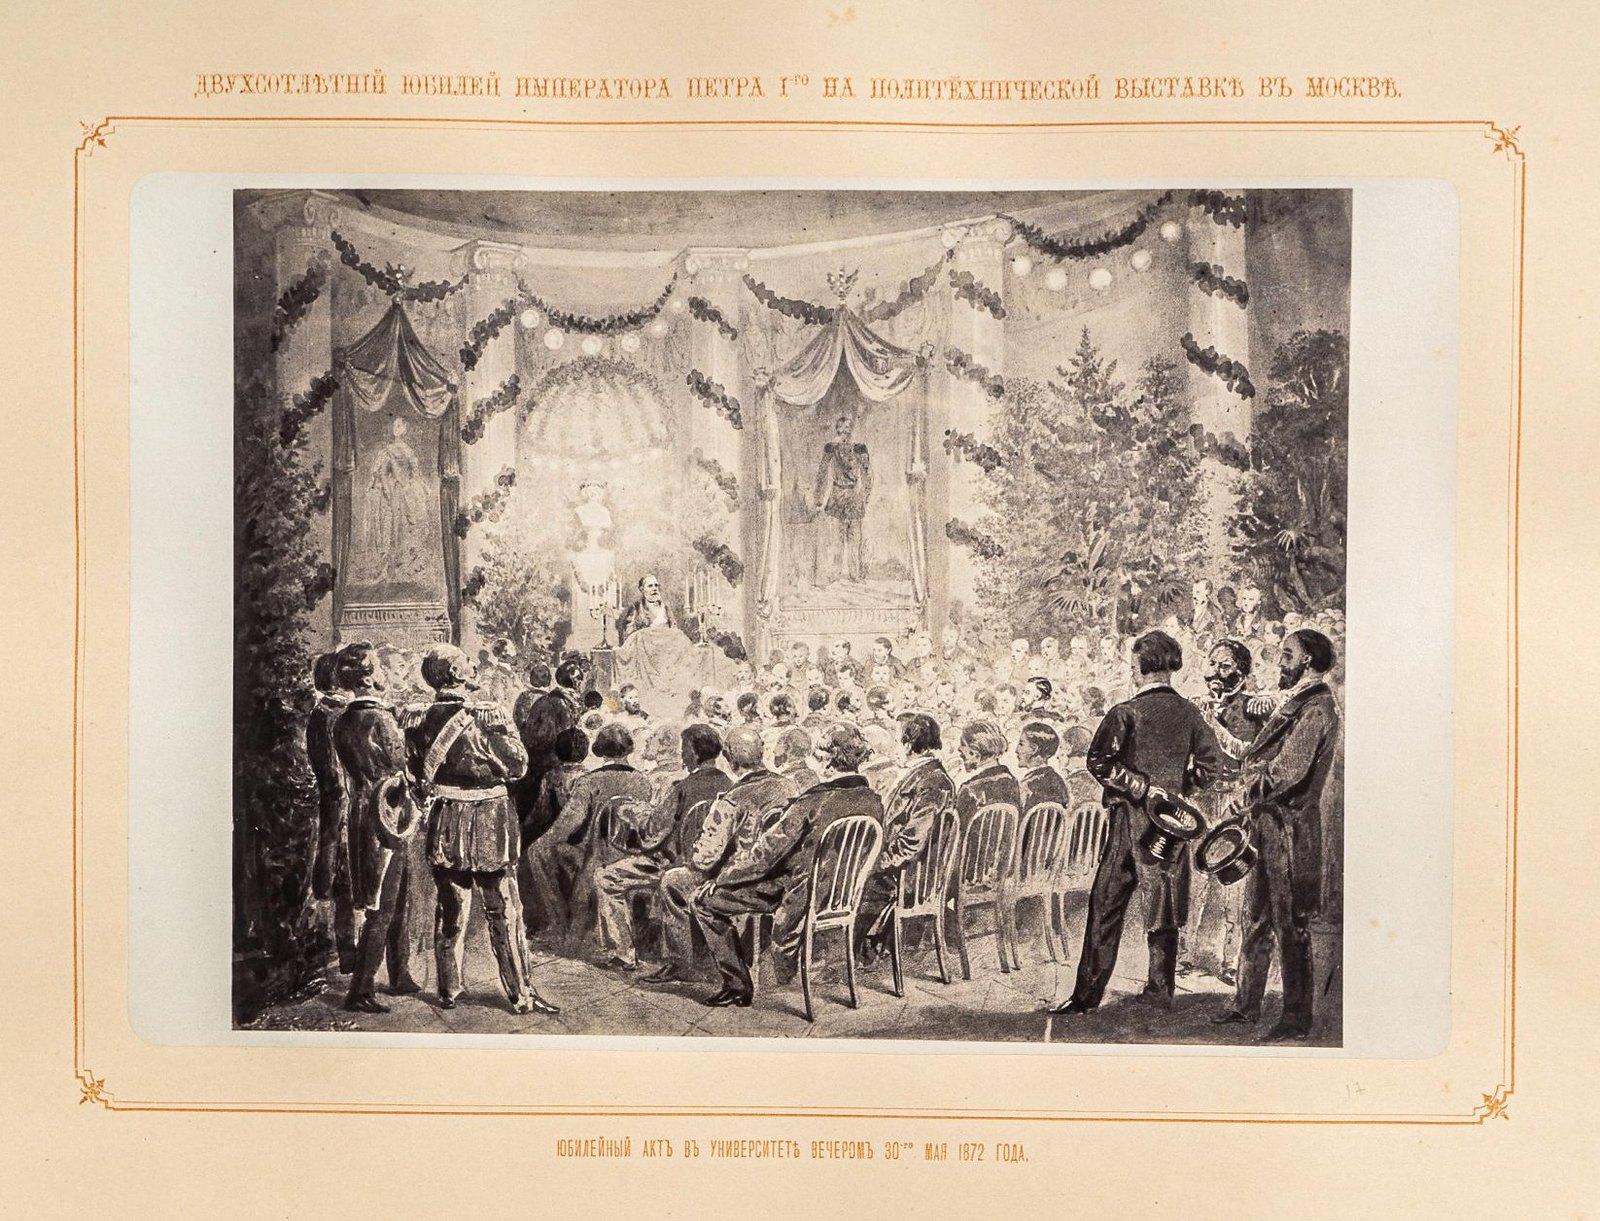 10. Юбилейный акт в Университете вечером 30 мая 1872 г. Воспроизведение акварели